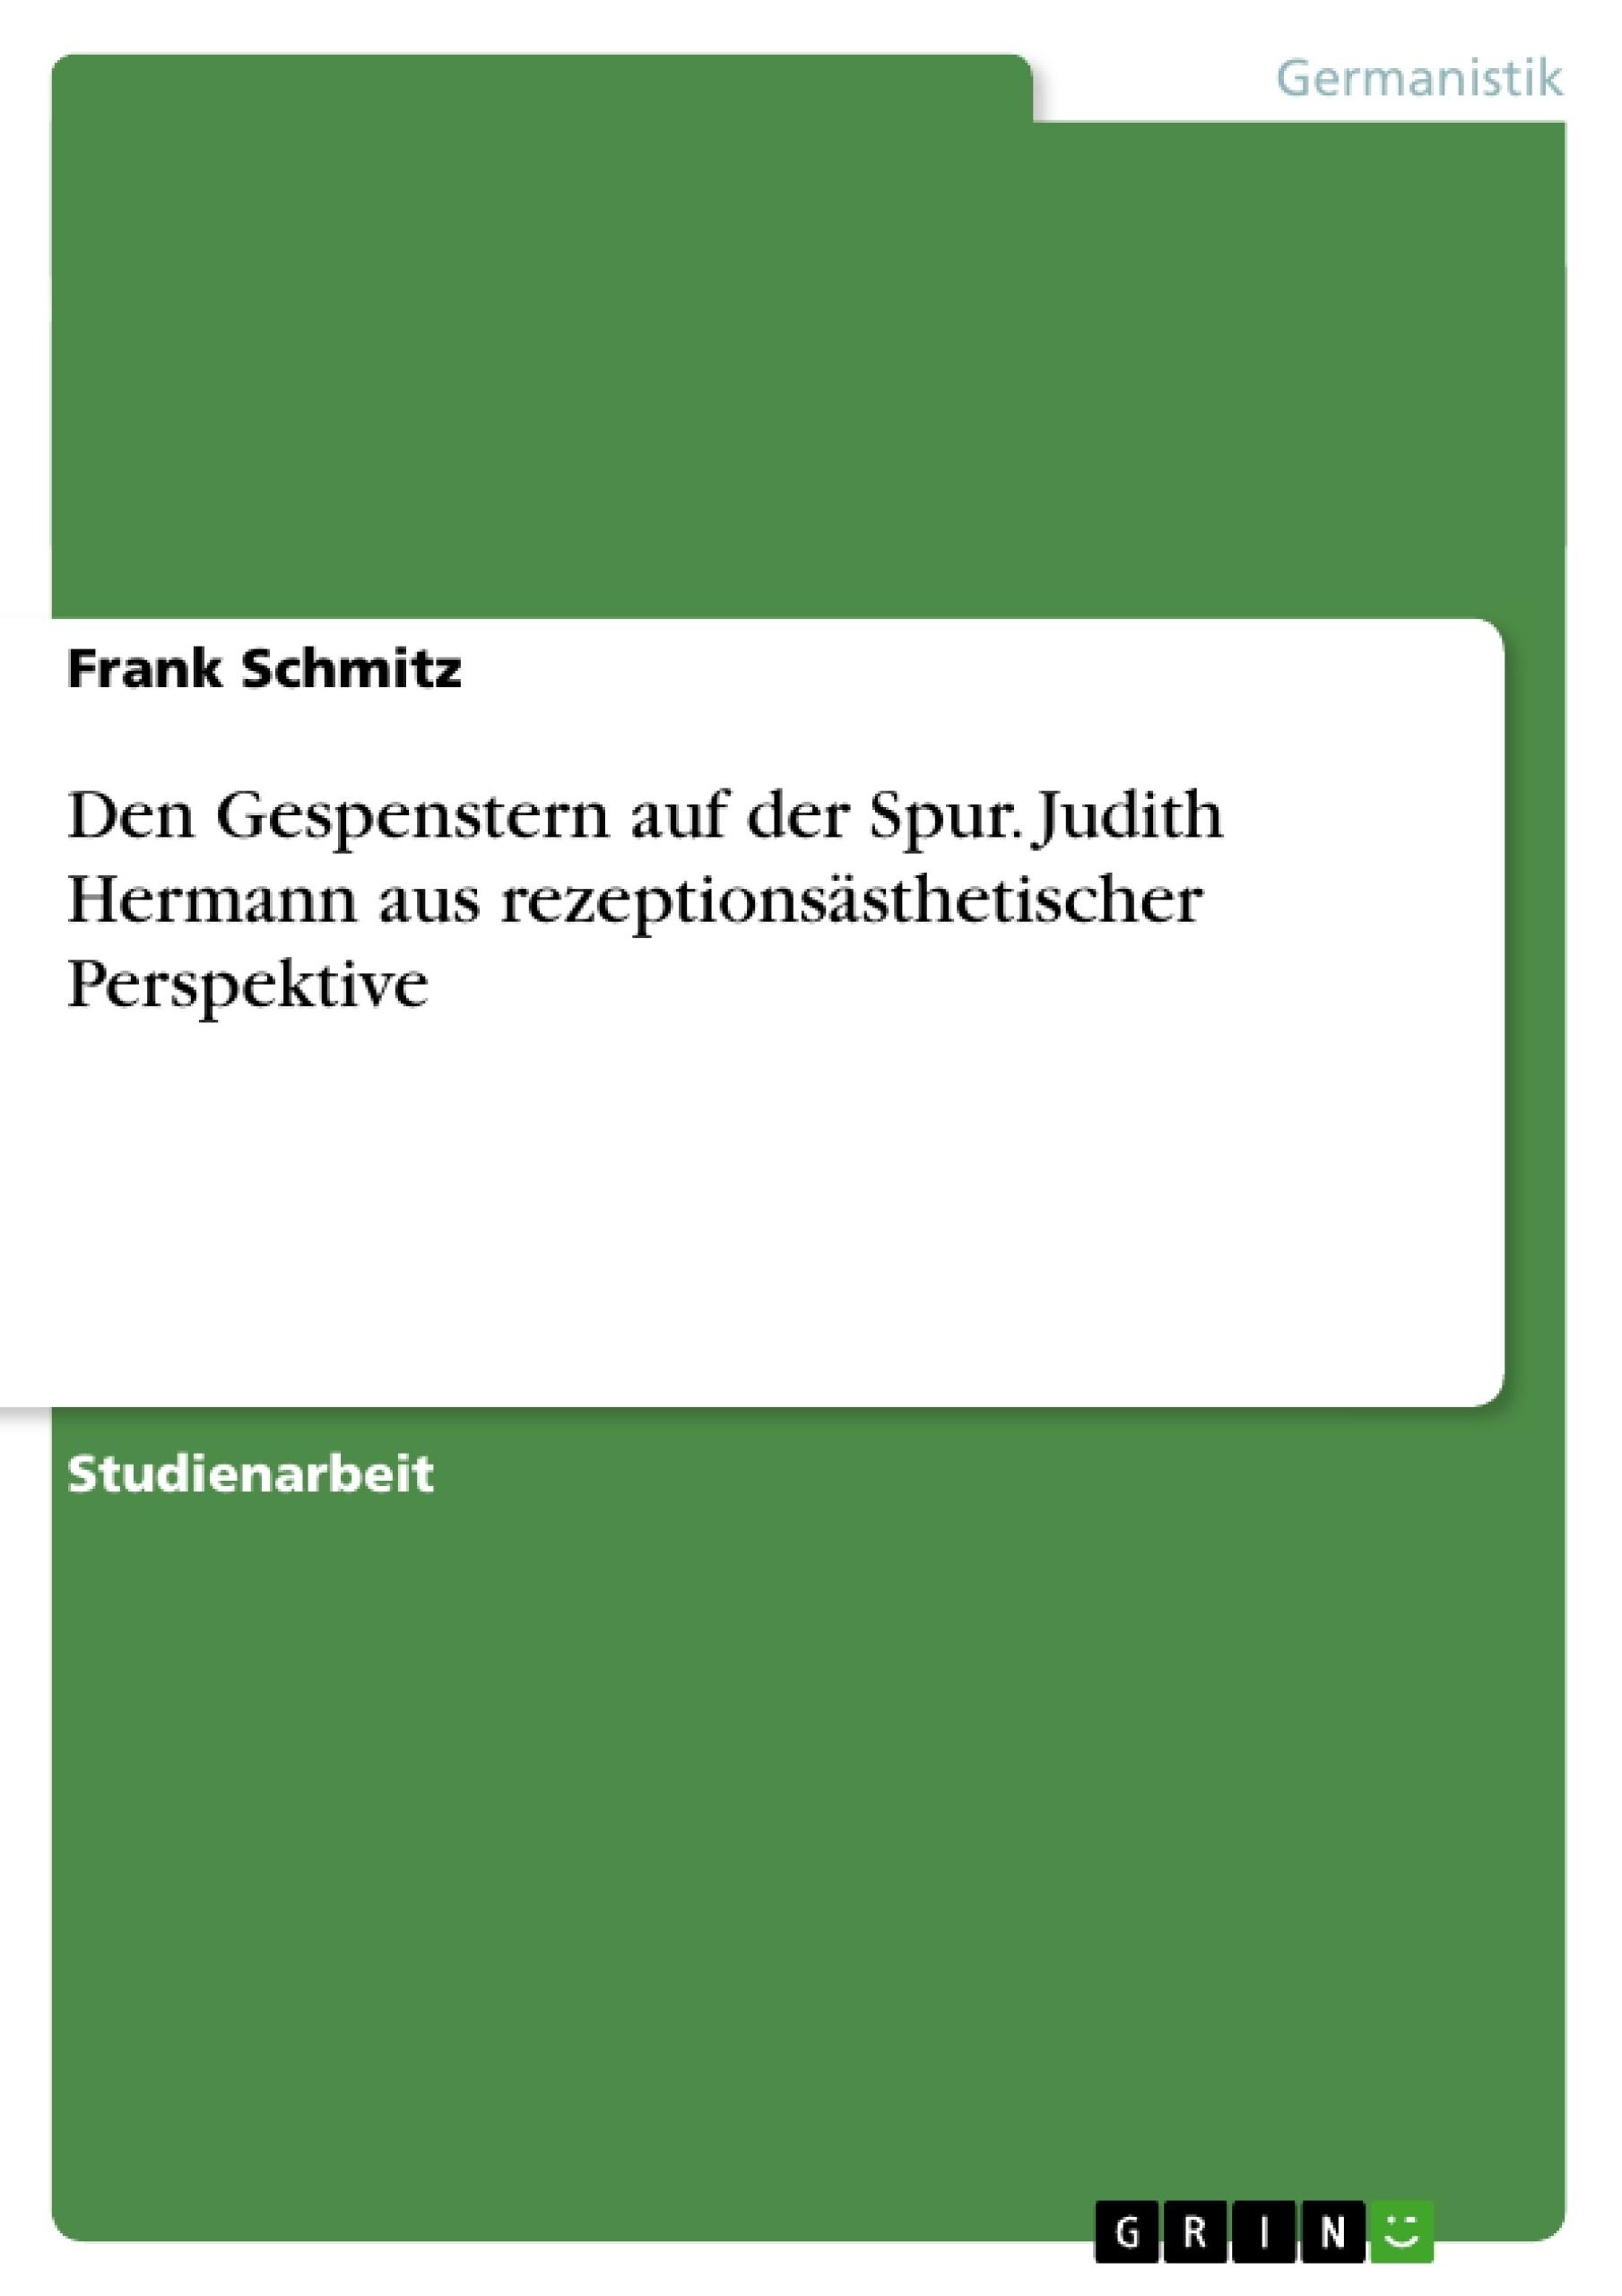 Titel: Den Gespenstern auf der Spur. Judith Hermann aus rezeptionsästhetischer Perspektive